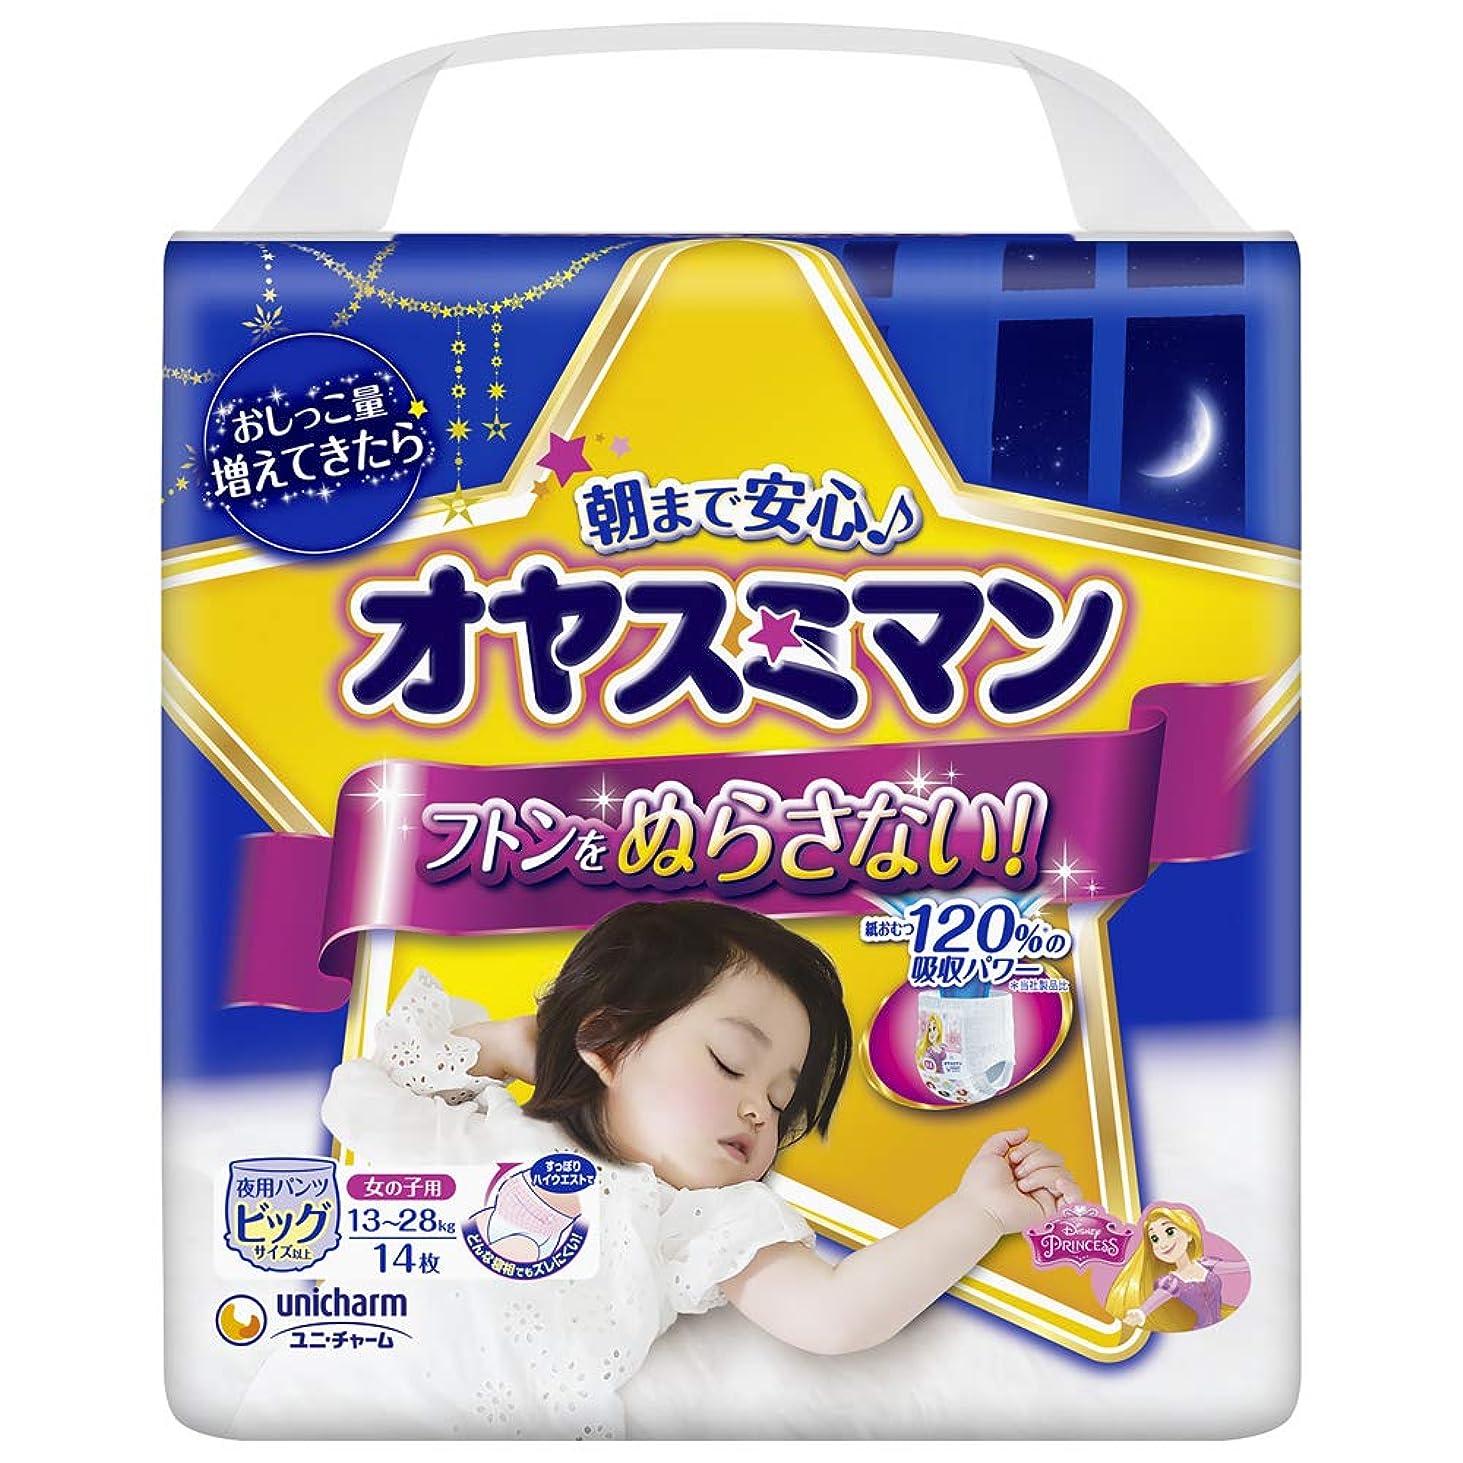 書くハプニング地下【パンツ ビッグ以上】オヤスミマン女の子 夜用オムツ (13~28kg)14枚